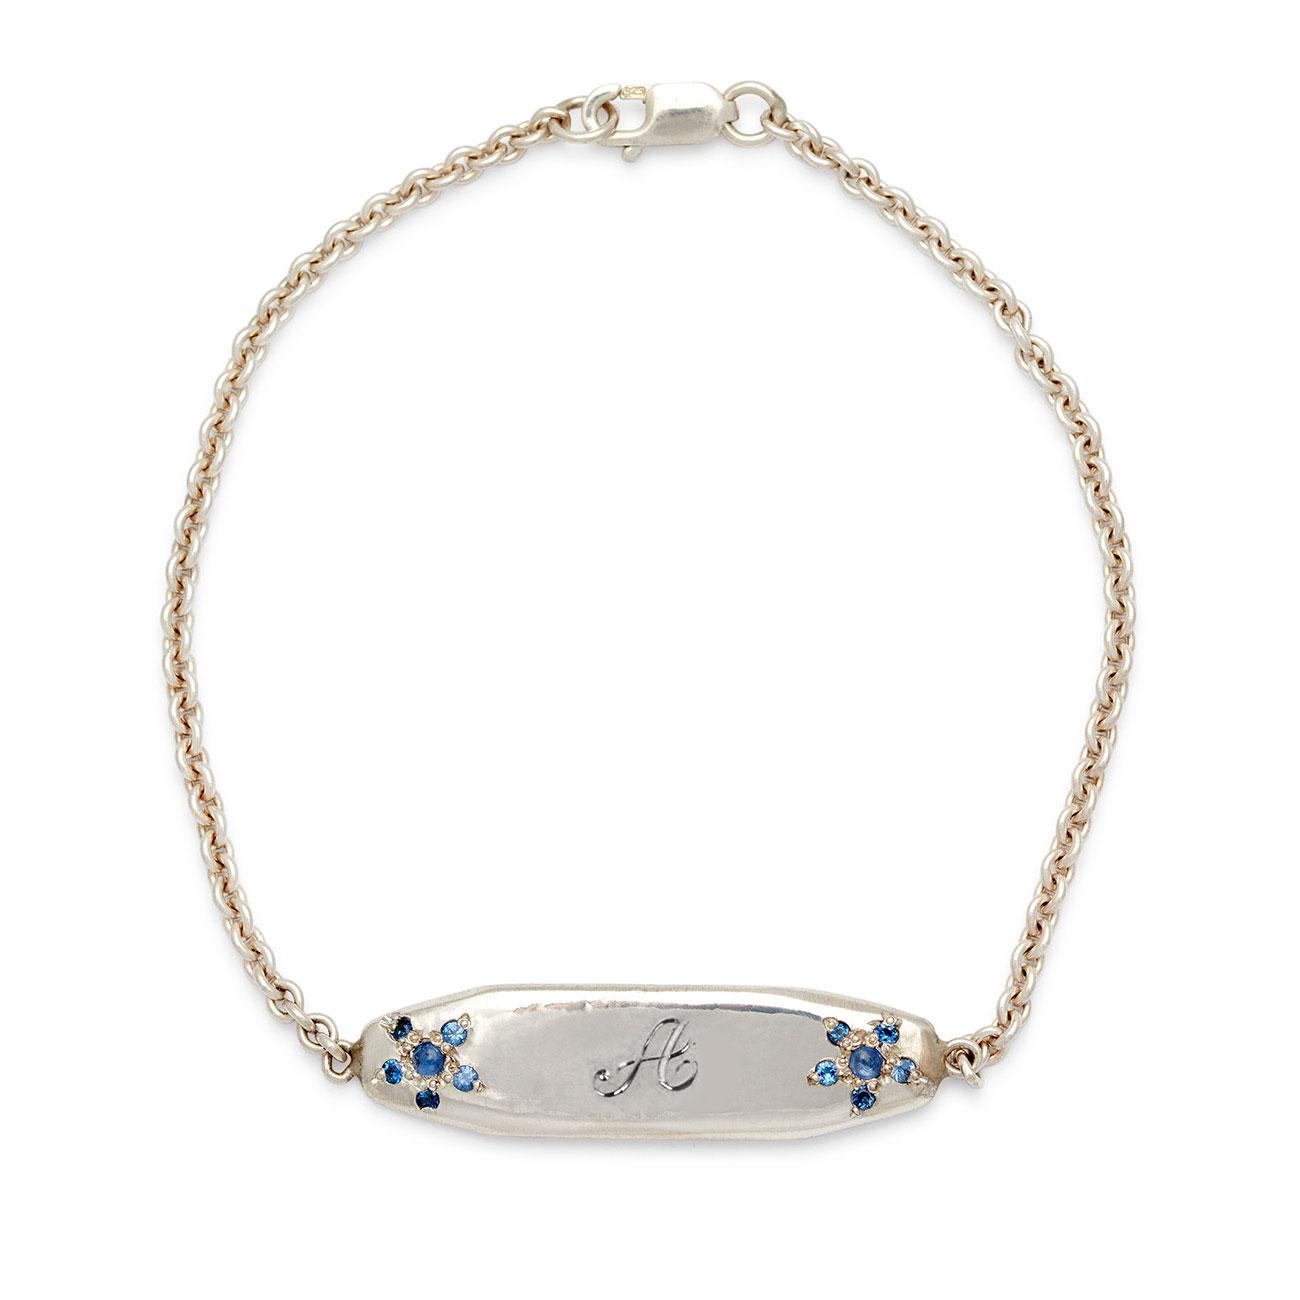 sterling silver ID bracelet 1 script letter engraved